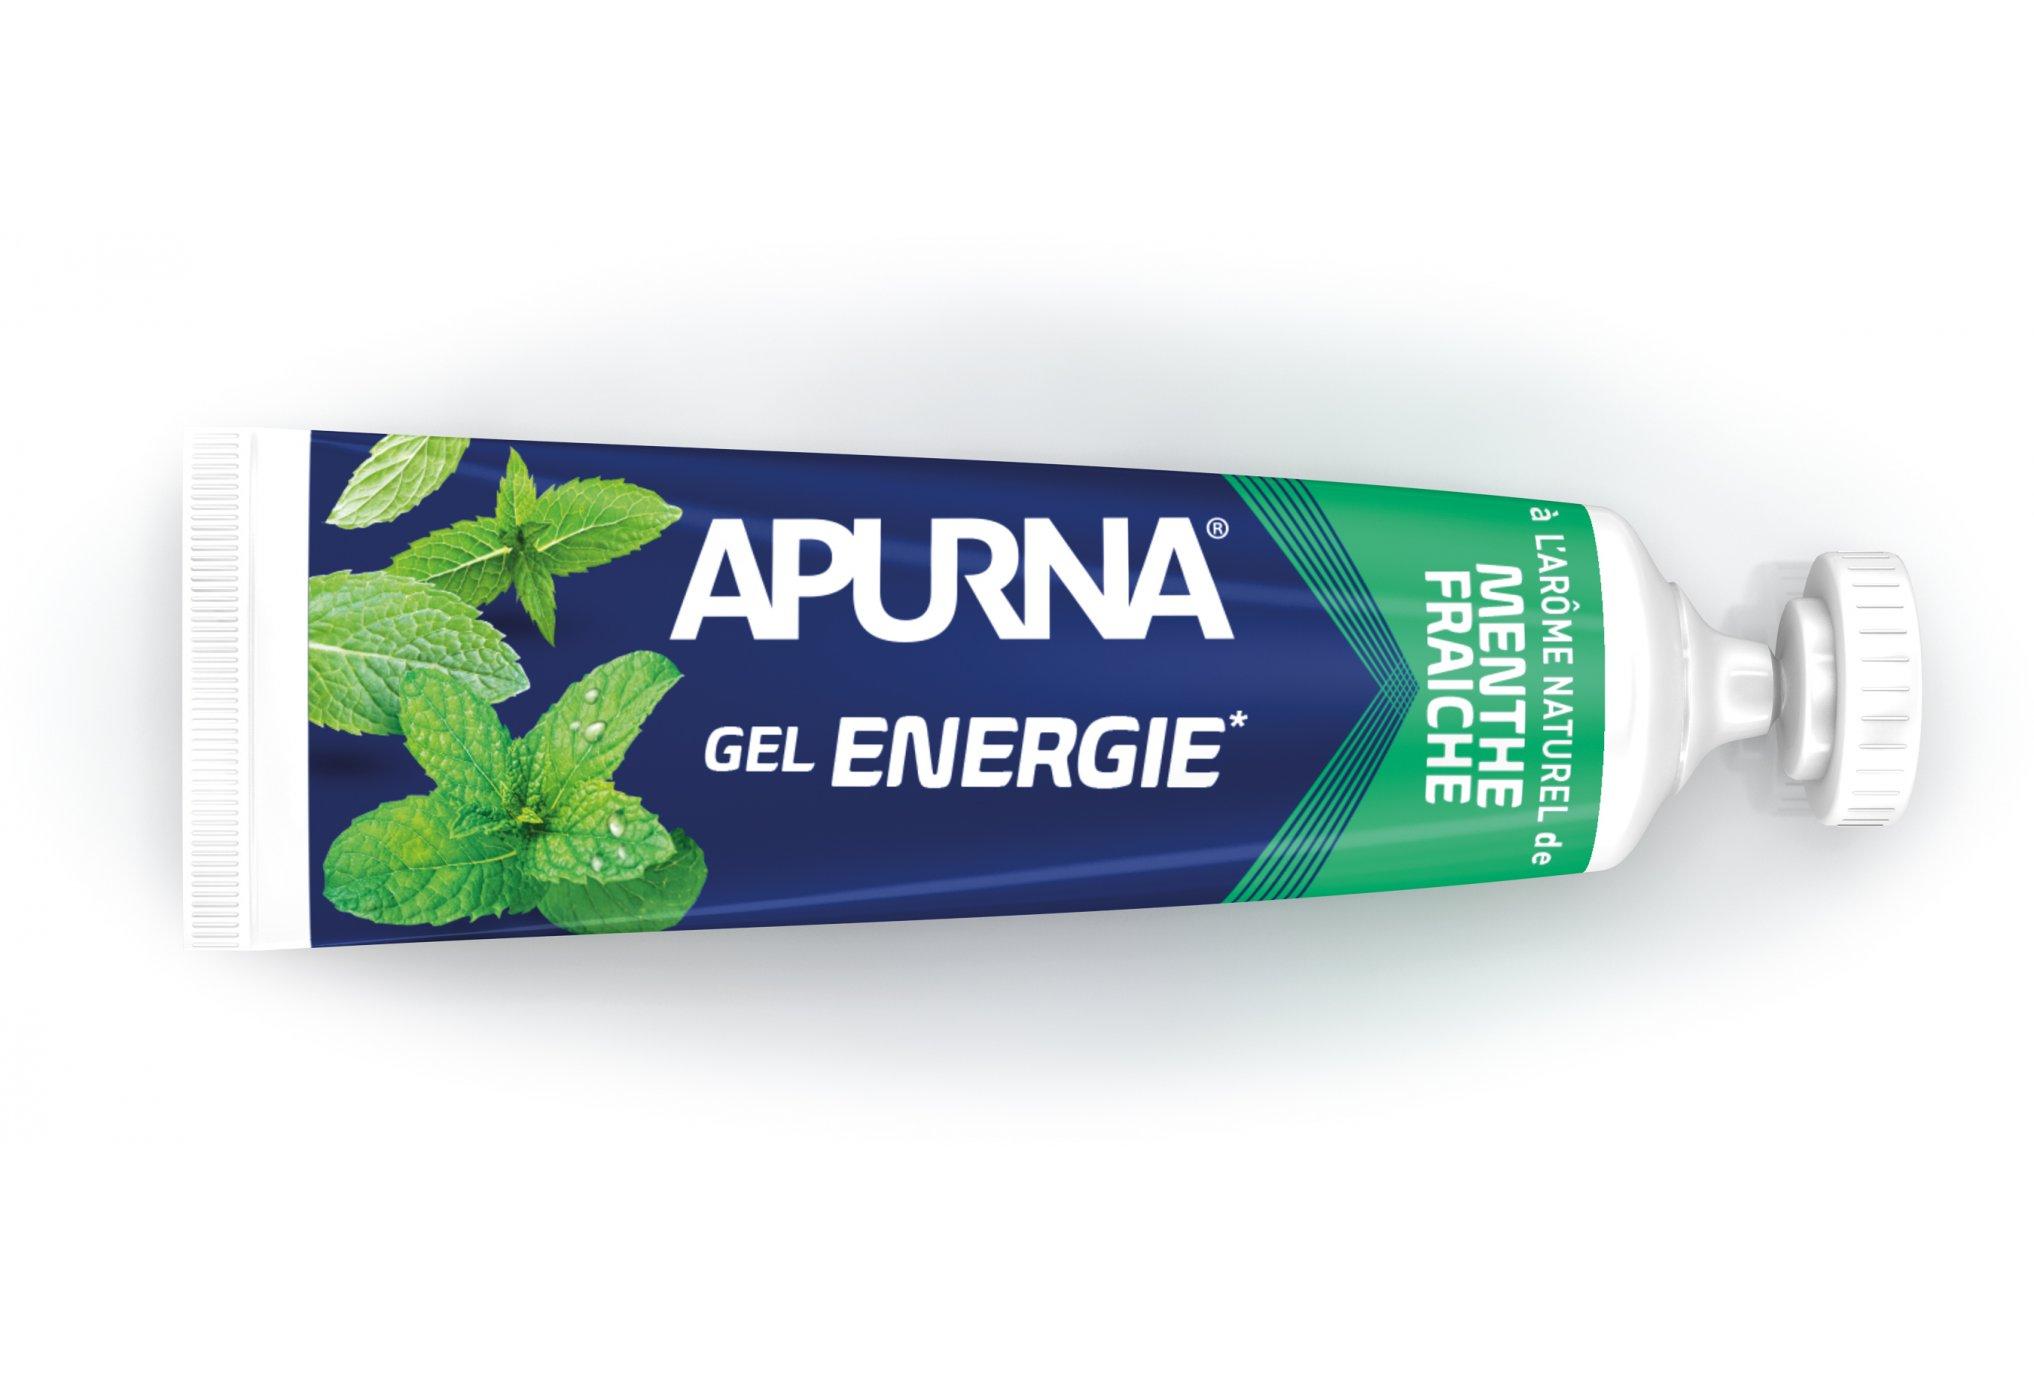 Apurna Gel energie - menthe fraîche diététique gels